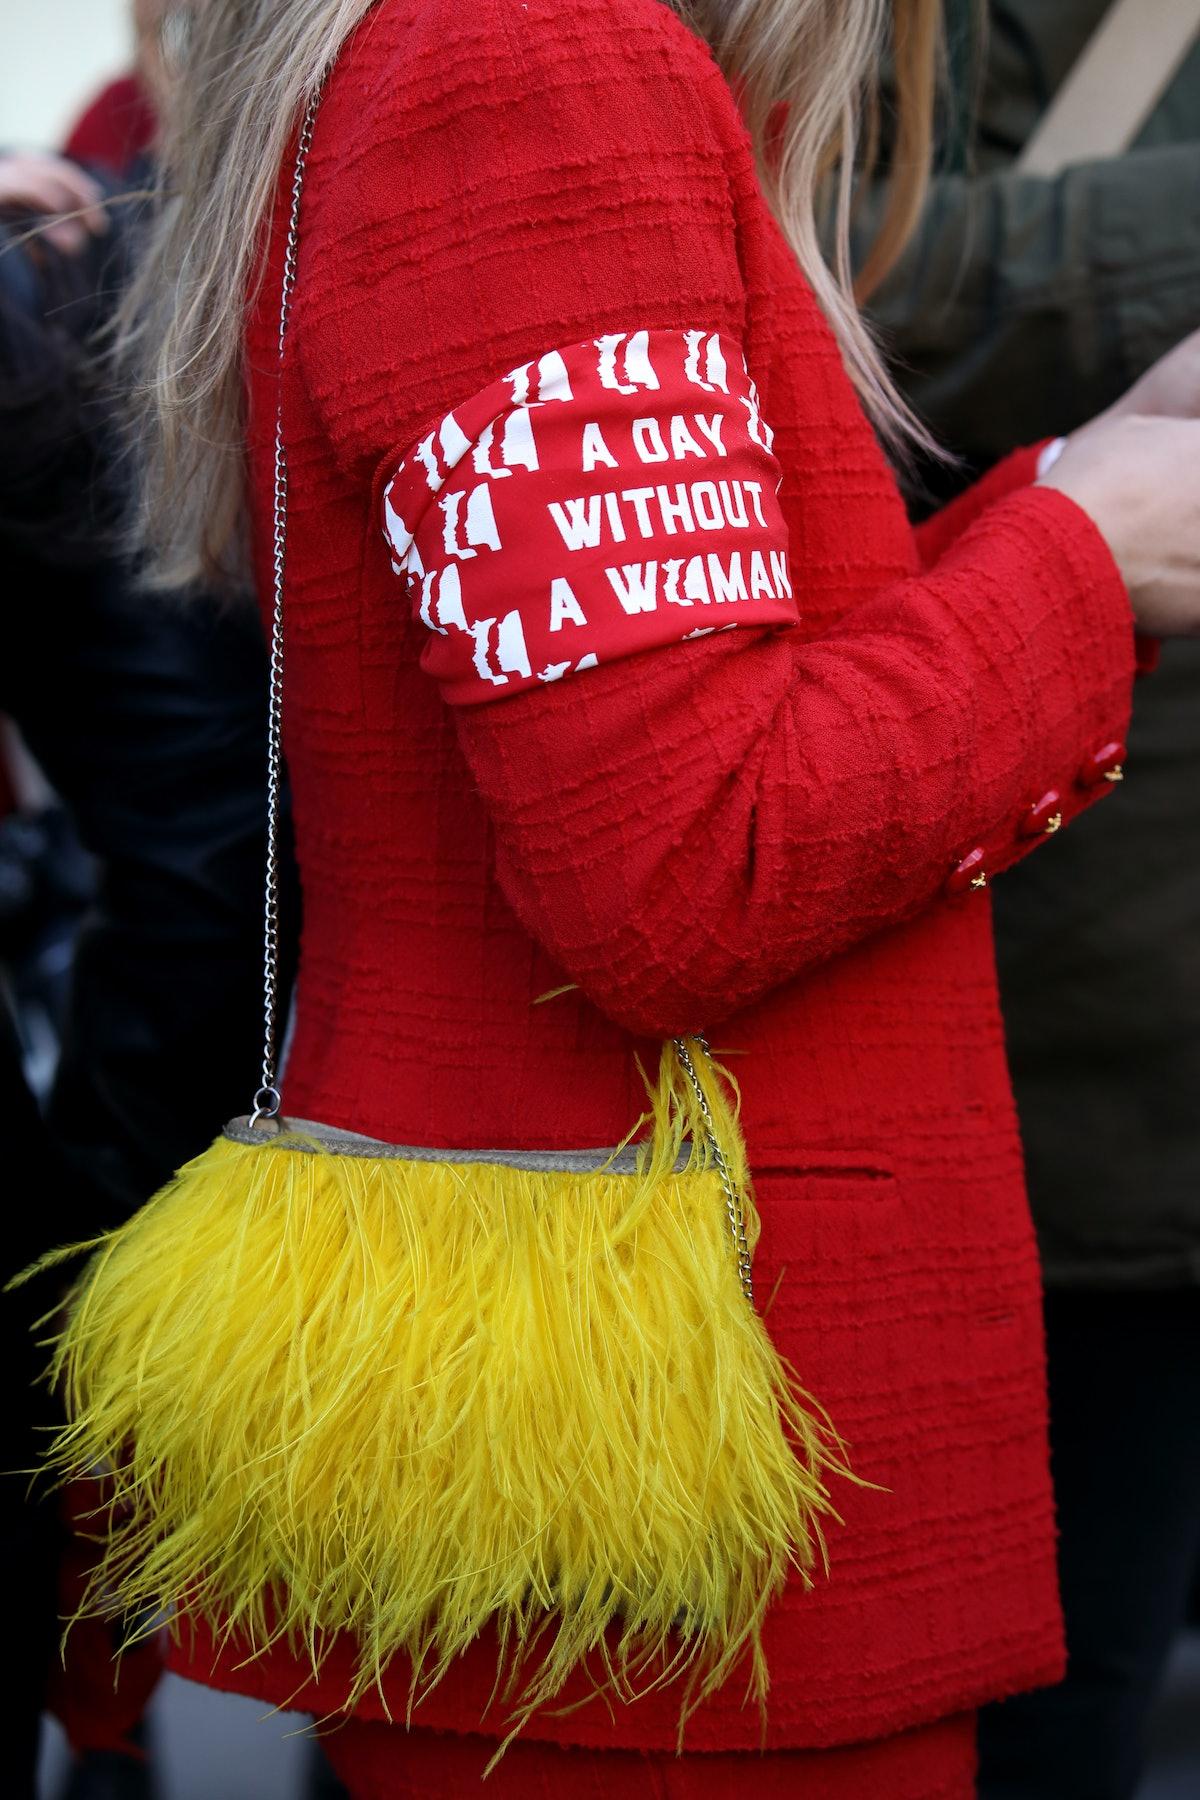 AngelaDatre_WMag_Women'sDayStrikeNYC-2.jpg